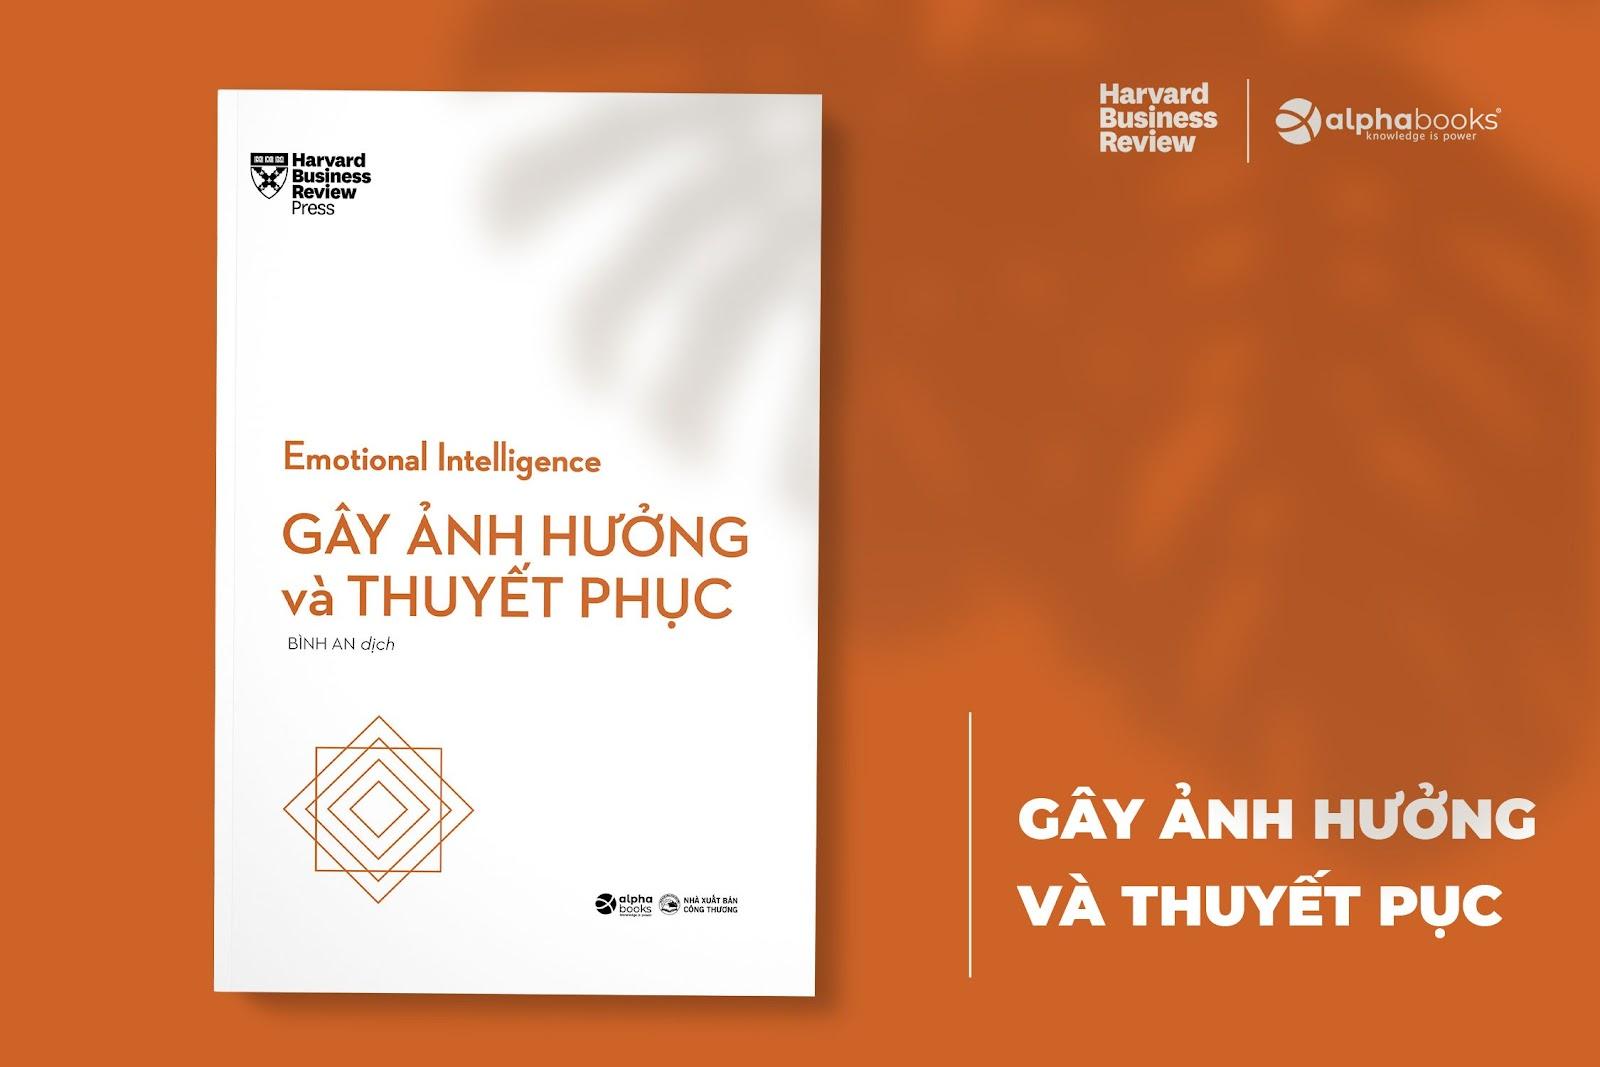 Boxset_HBR_Emotion_Intelligence__Bo_10_cuon__(gay_anh_huong_va_thuyet_phuc).jpg